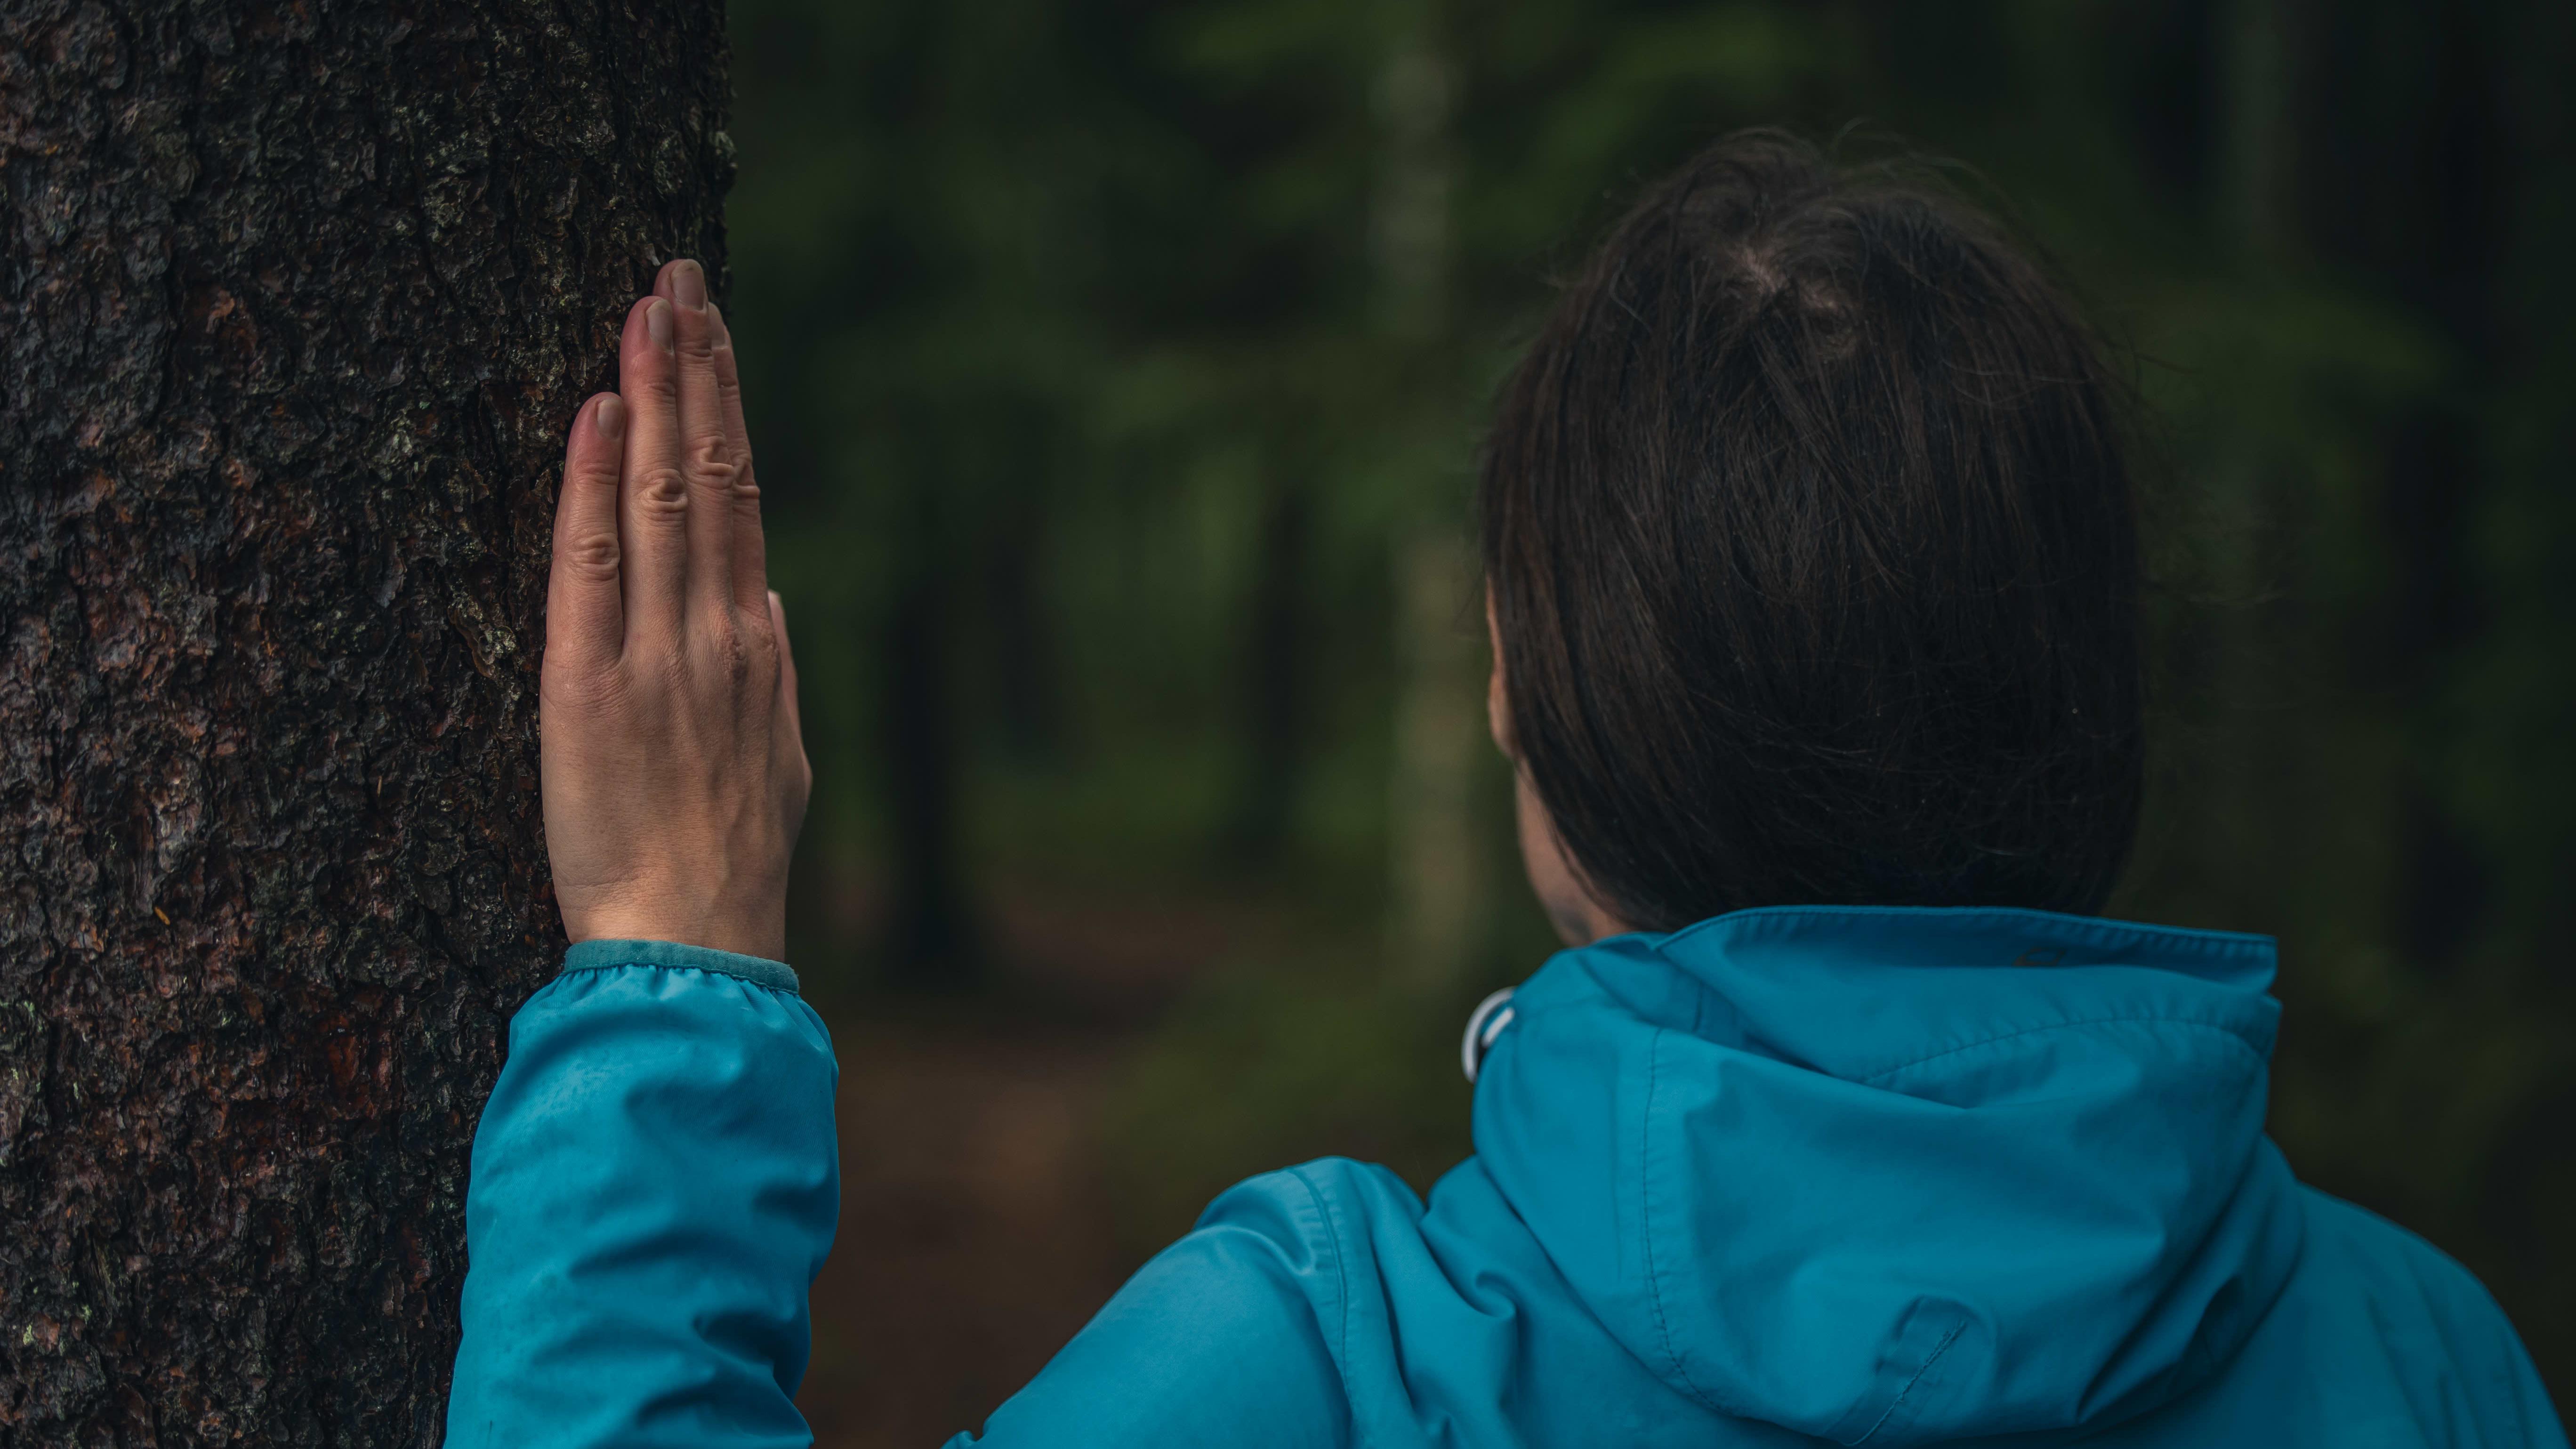 Nainen pitelee kättänsä puuta vasten.